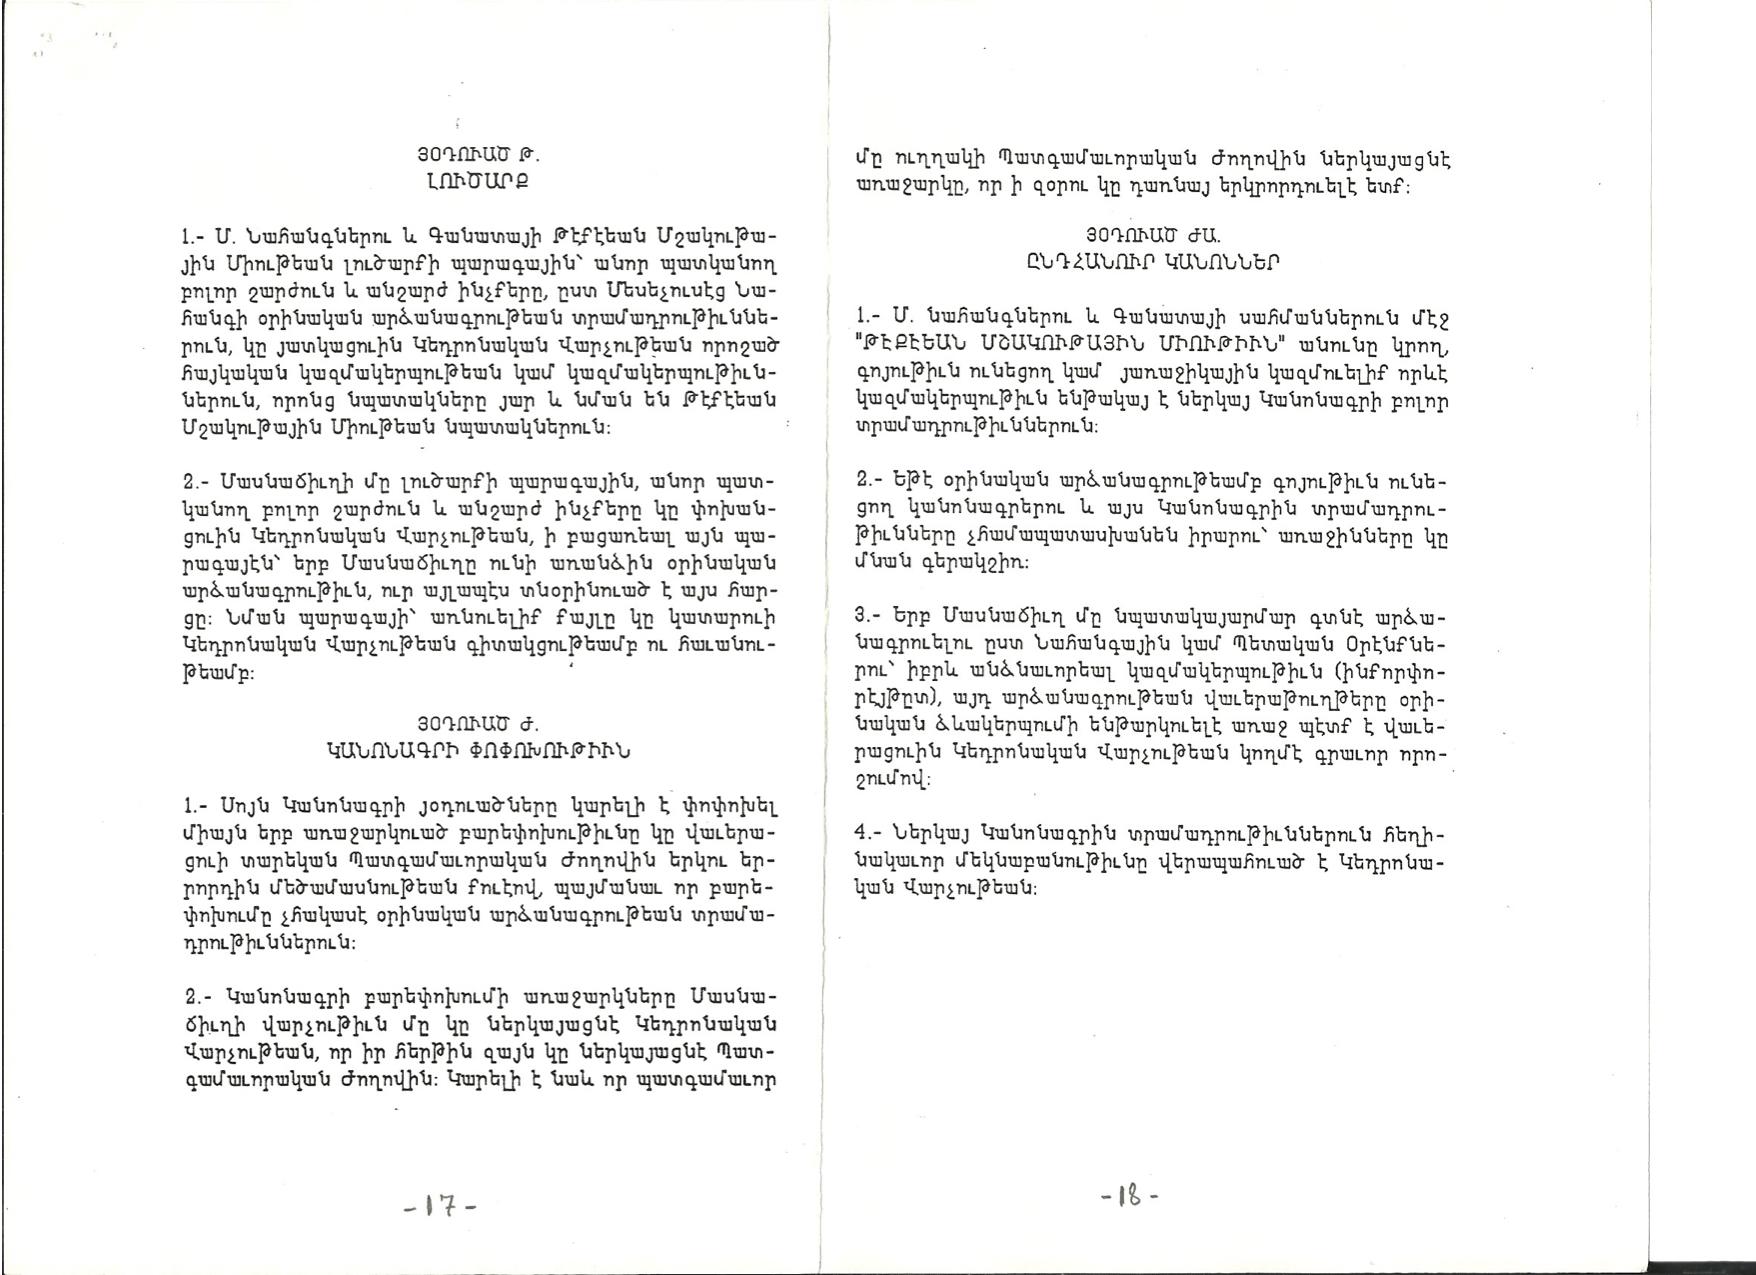 Կանոնագիր Թէքէեան Մշակ. Միութեան10.jpg